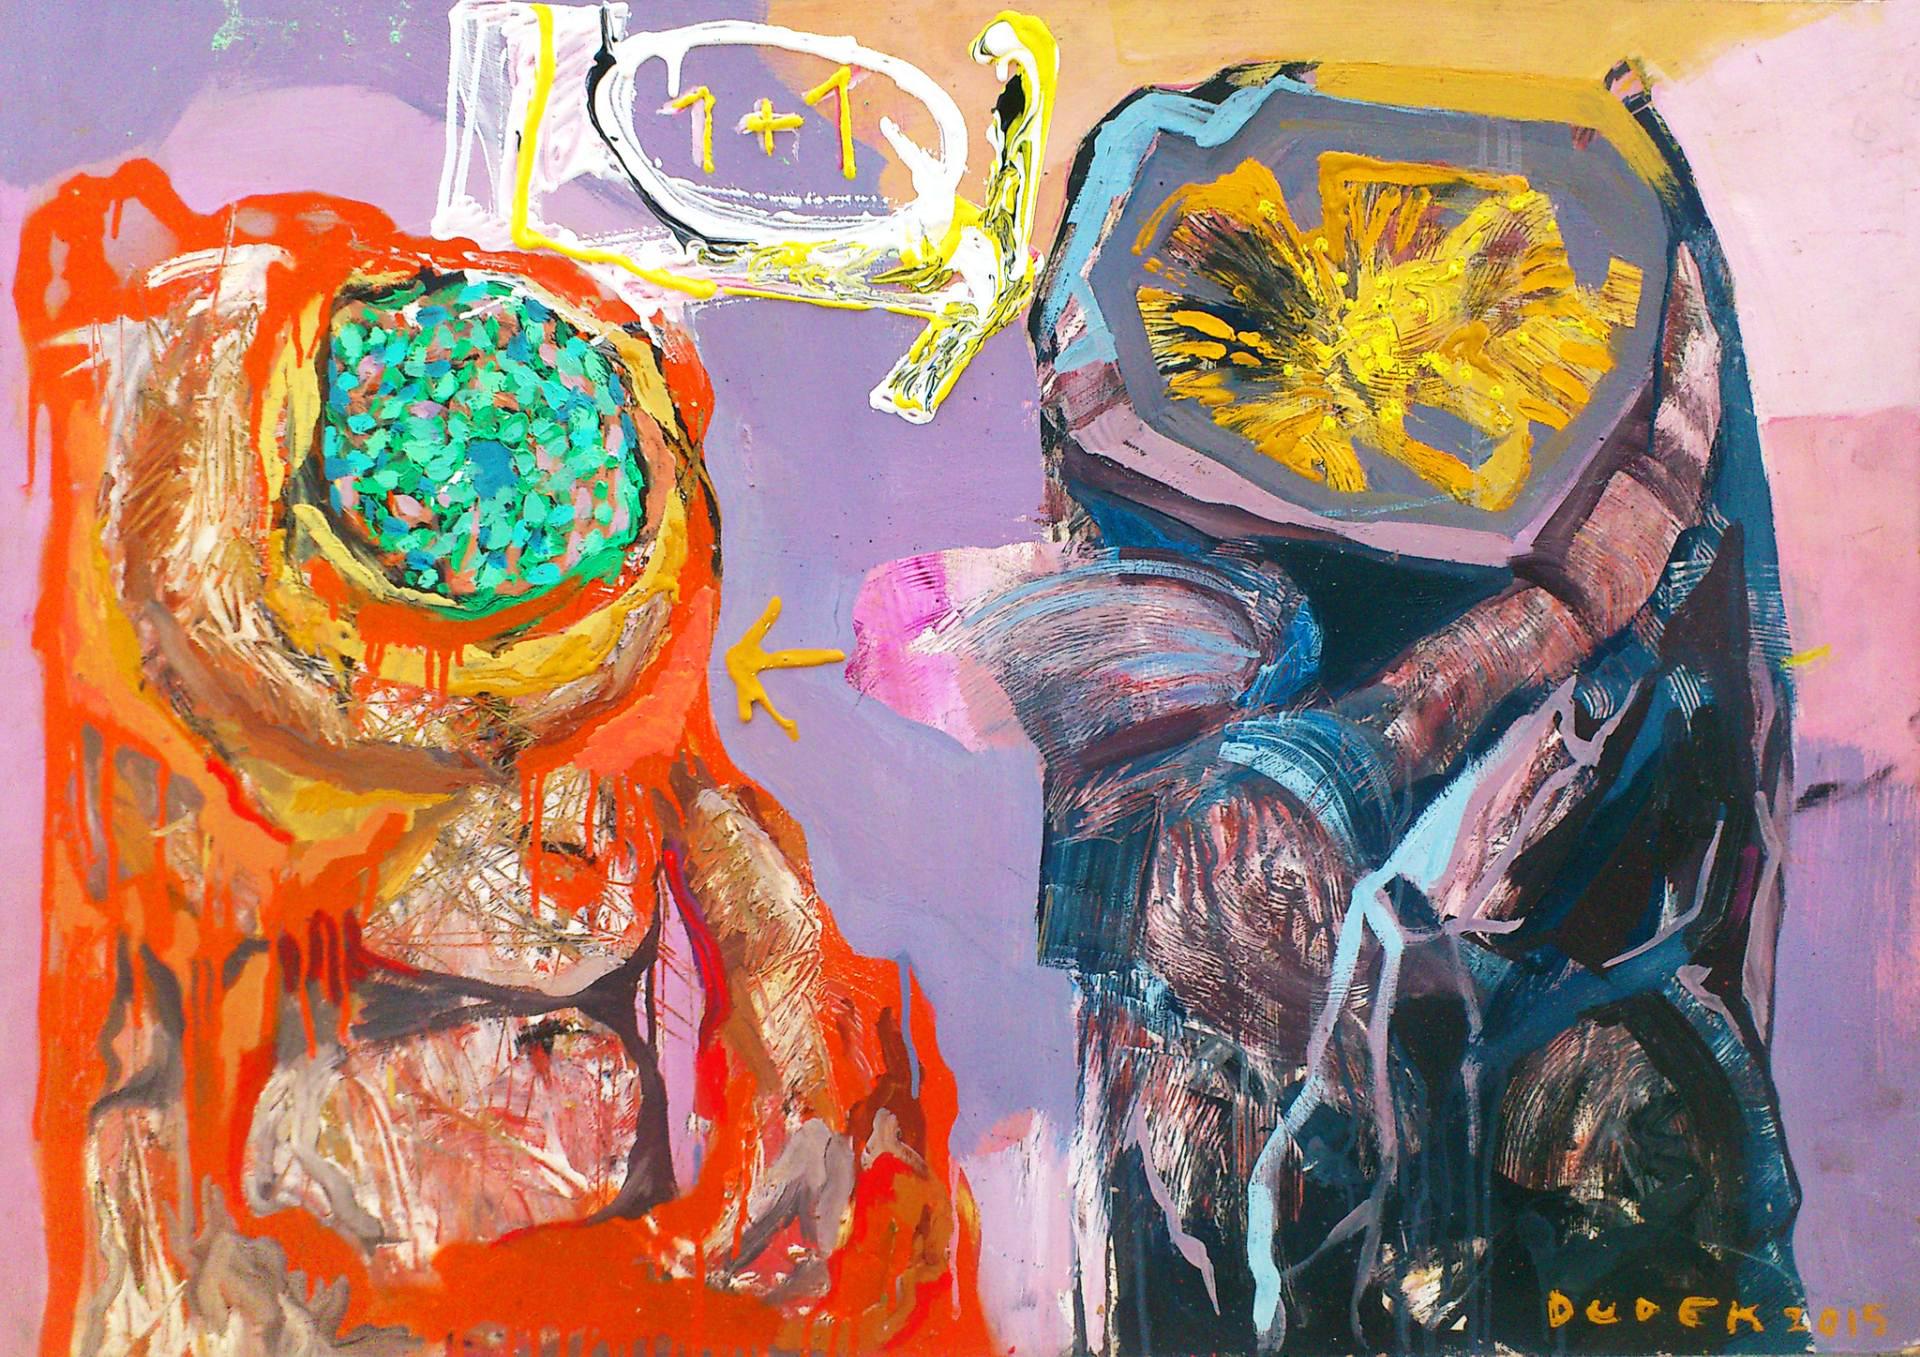 malerier, farverige, ekspressionistiske, bevægelse, mønstre, sorte, lillae, røde, gule,  bomuldslærred, pap, olie, spraymaling, abstrakte-former, levende, Køb original kunst og kunstplakater. Malerier, tegninger, limited edition kunsttryk & plakater af dygtige kunstnere.